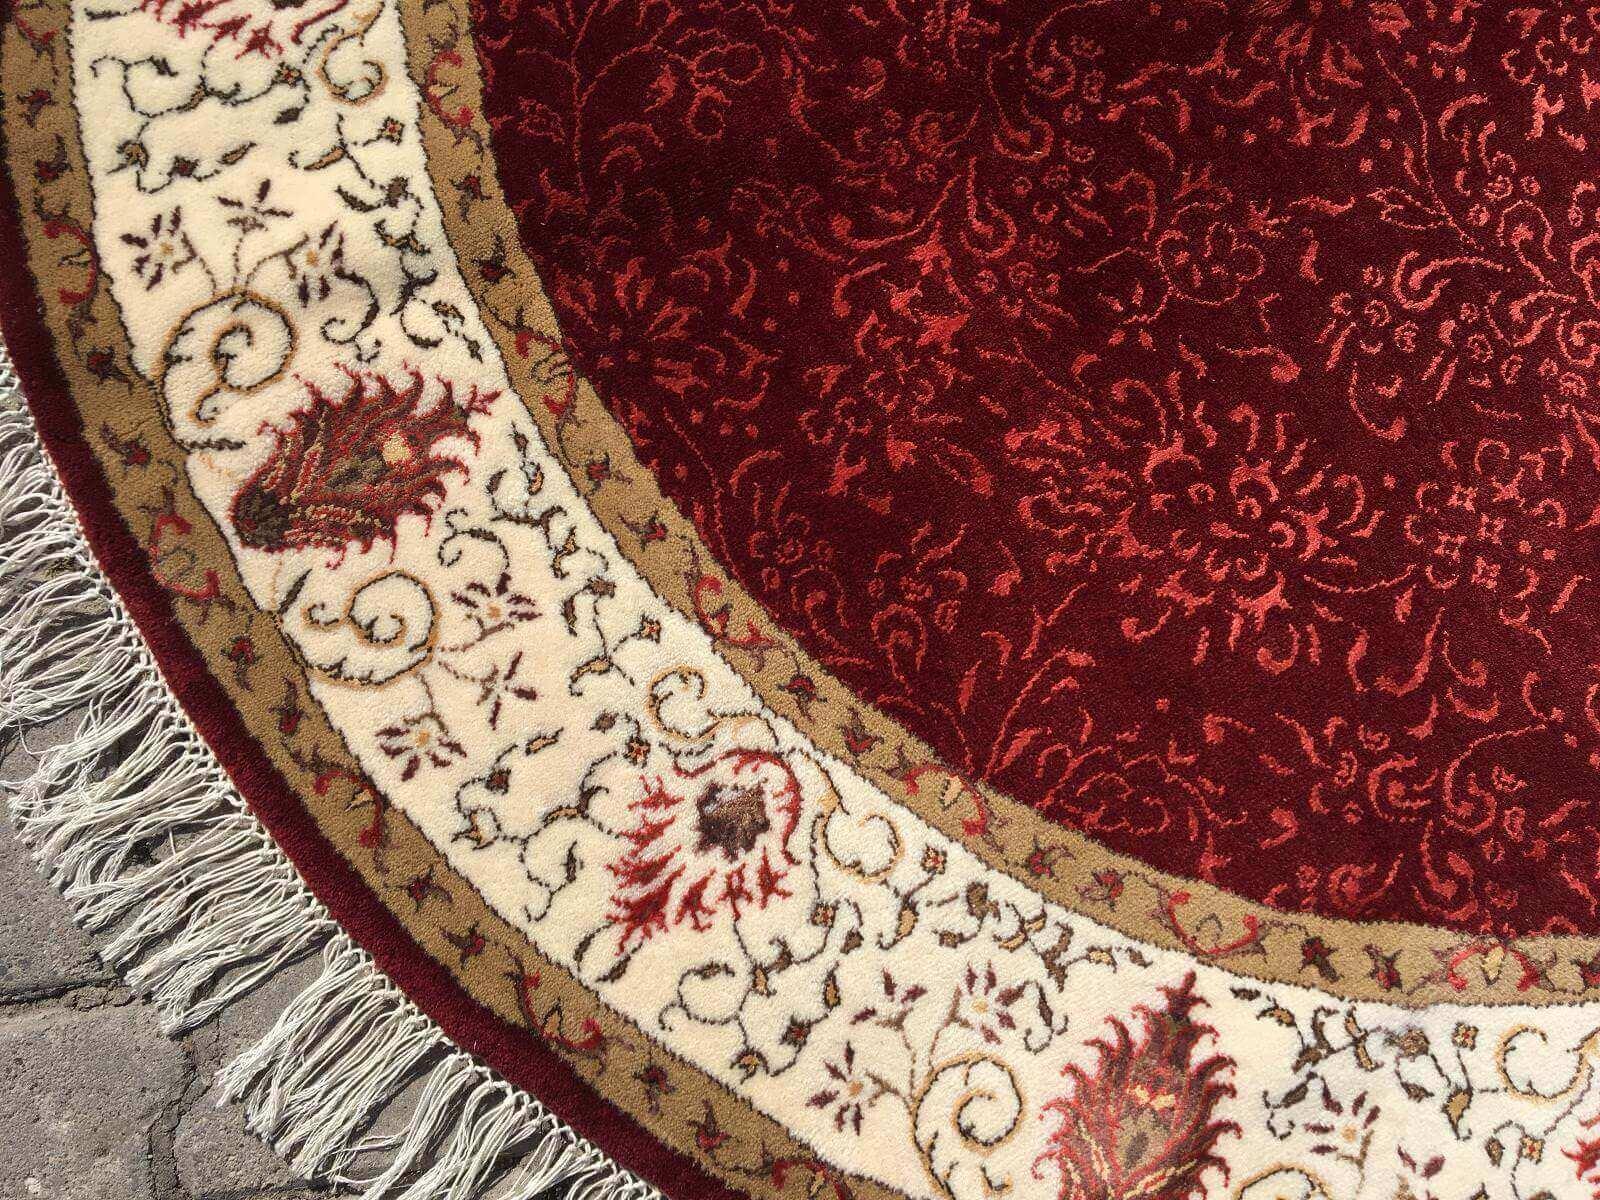 SULTANBEYLİ BUTİK HALI 151X151 Sultanbeyli Butik Halı